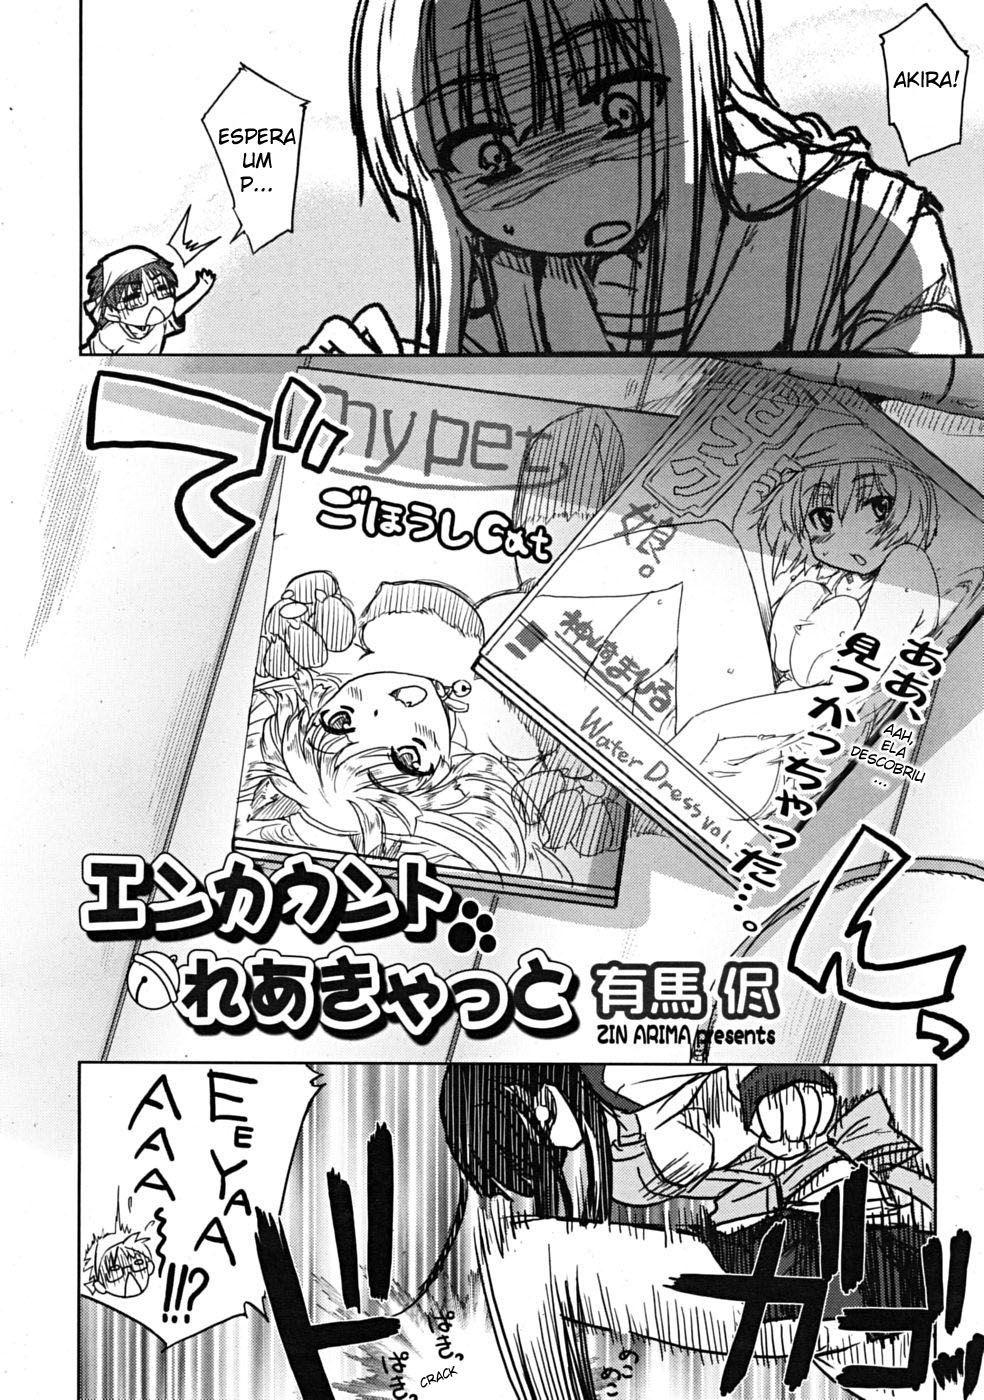 Fantasias-da-recém-casada-hentai-2